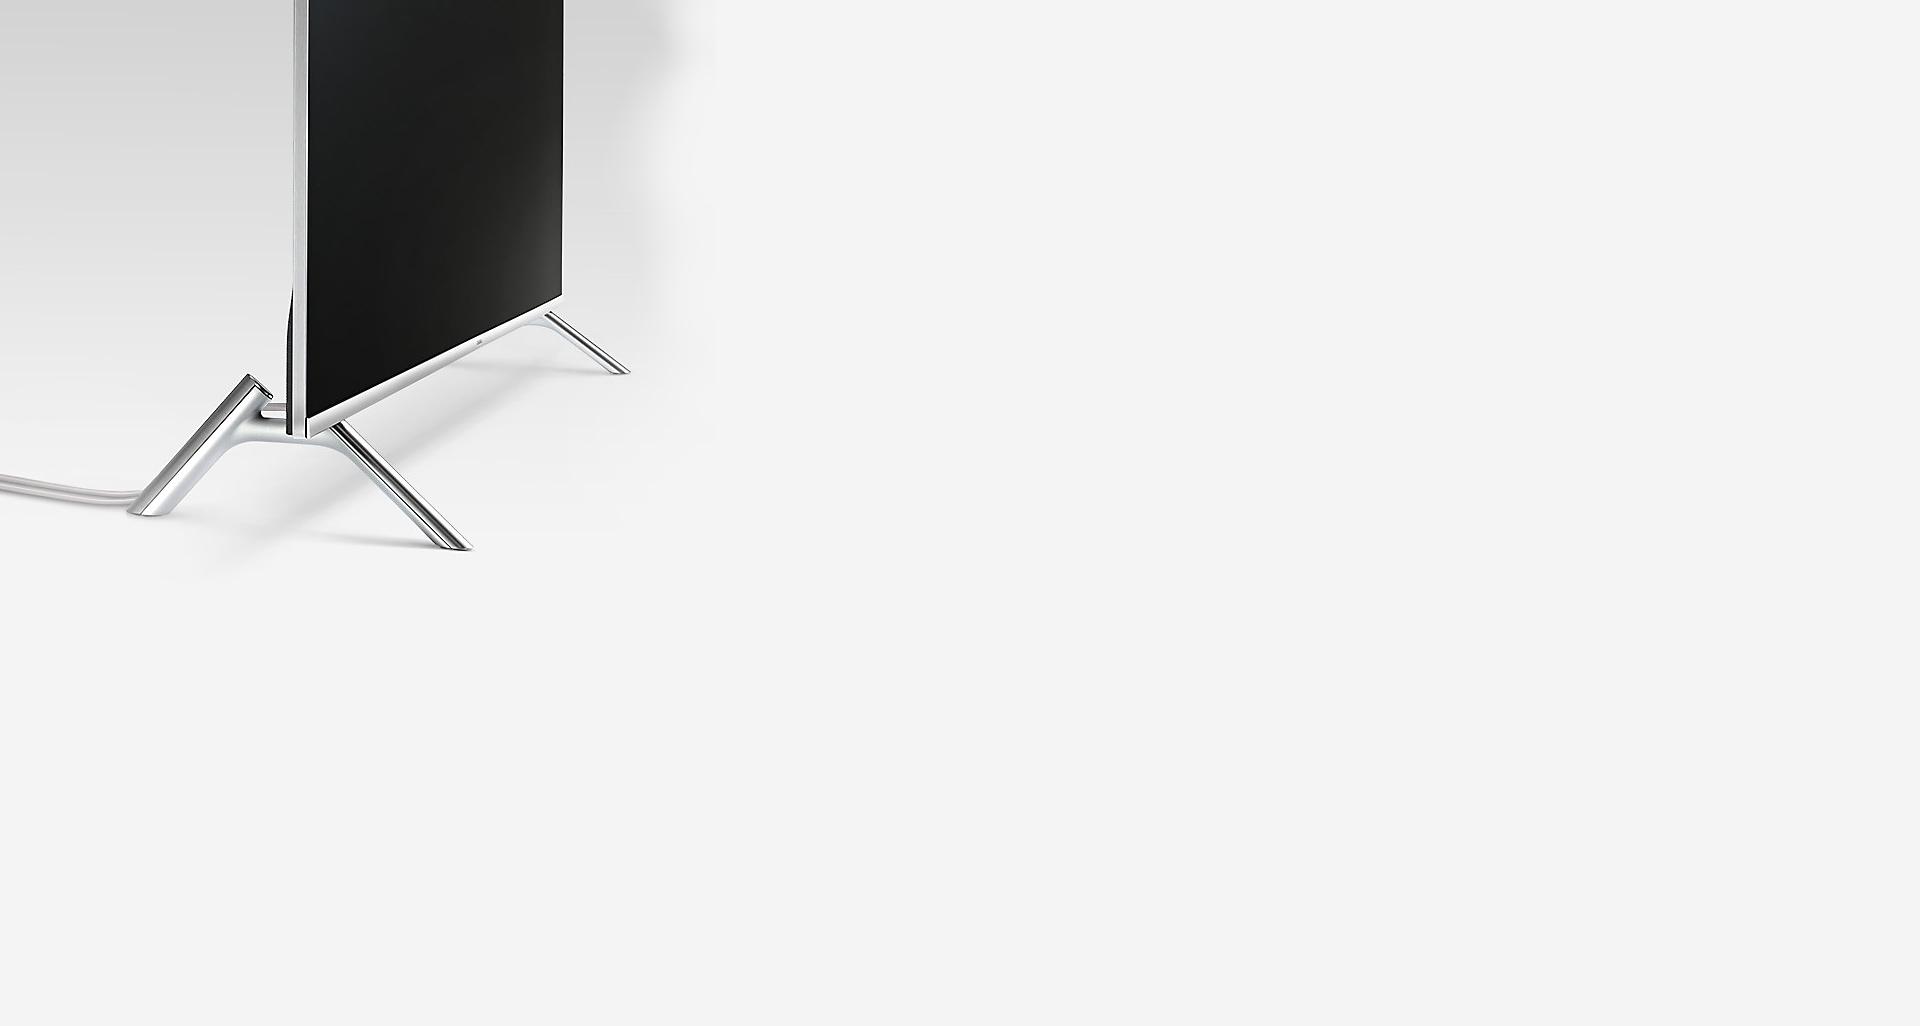 تلویزیون سامسونگ مدل 8900 با برترین طراحی روز